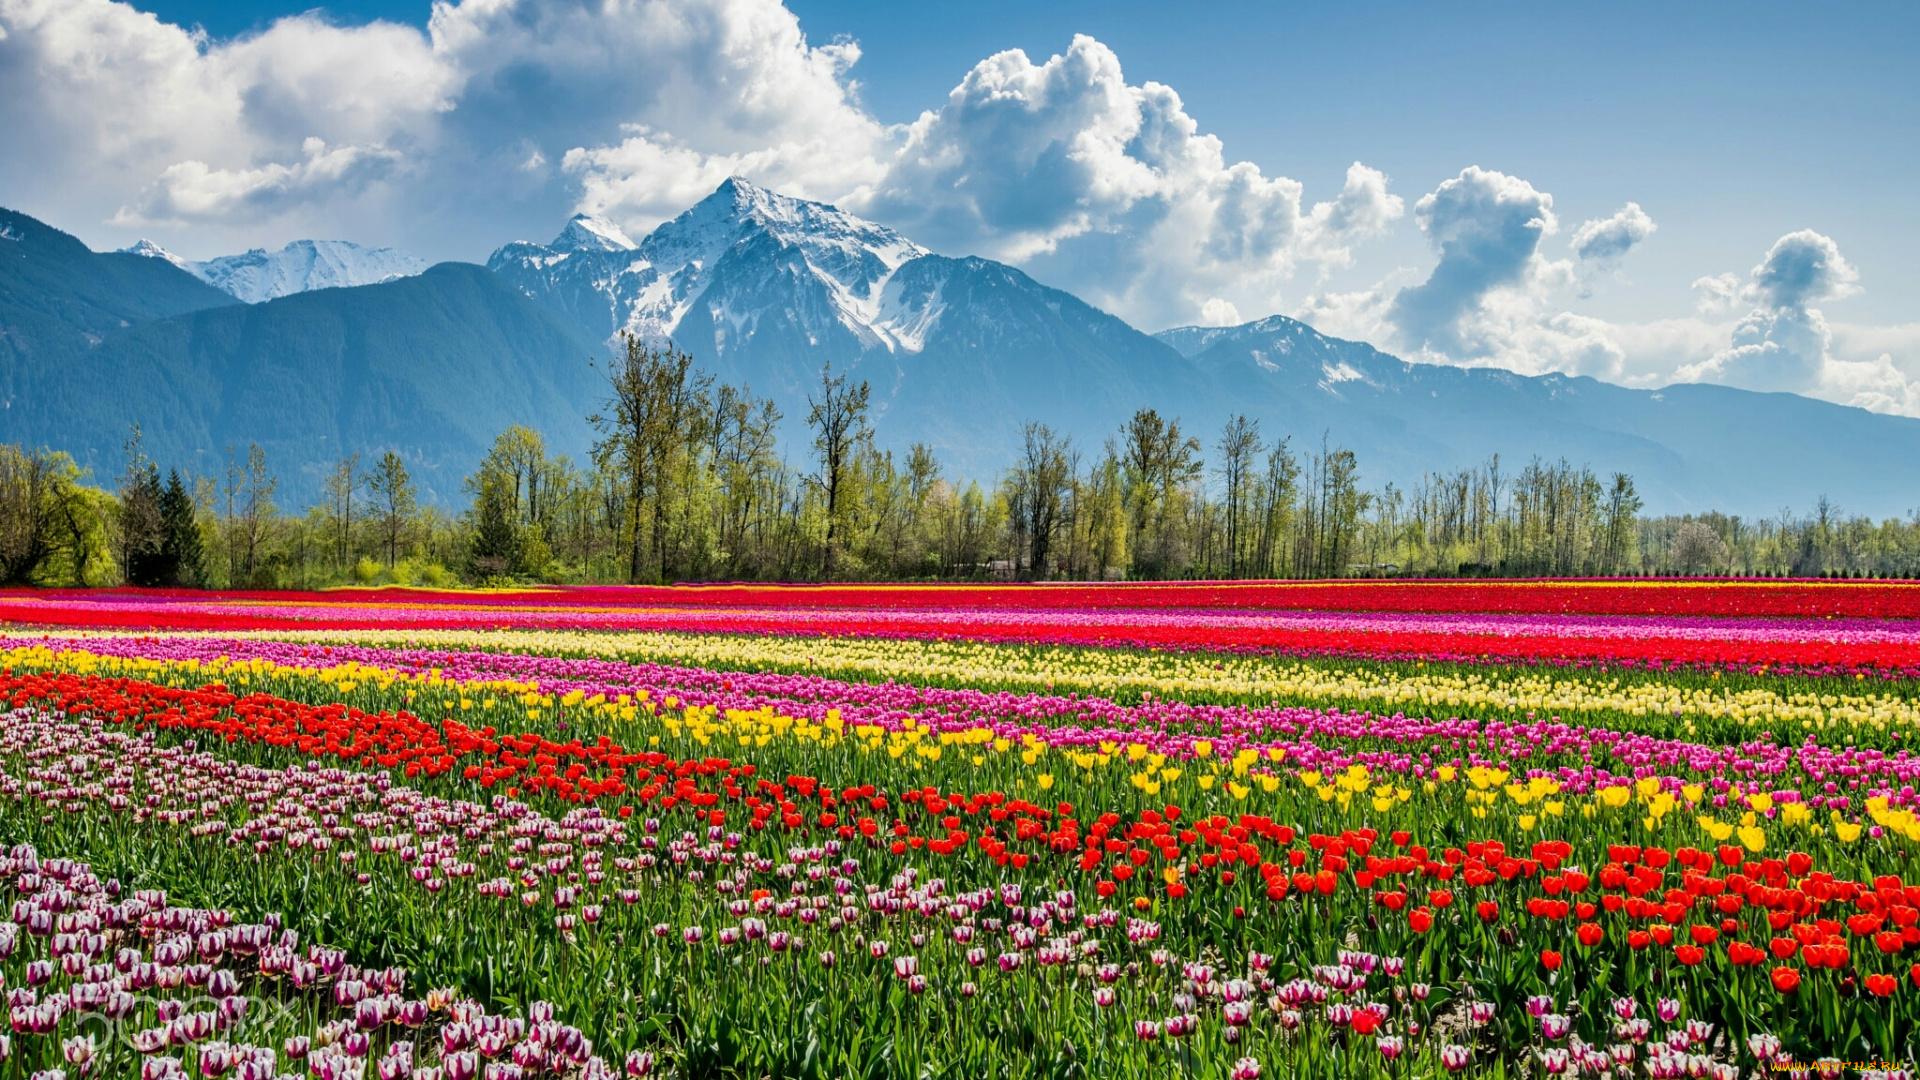 удивительно, если смотреть картинки с пейзажем и цветами положение